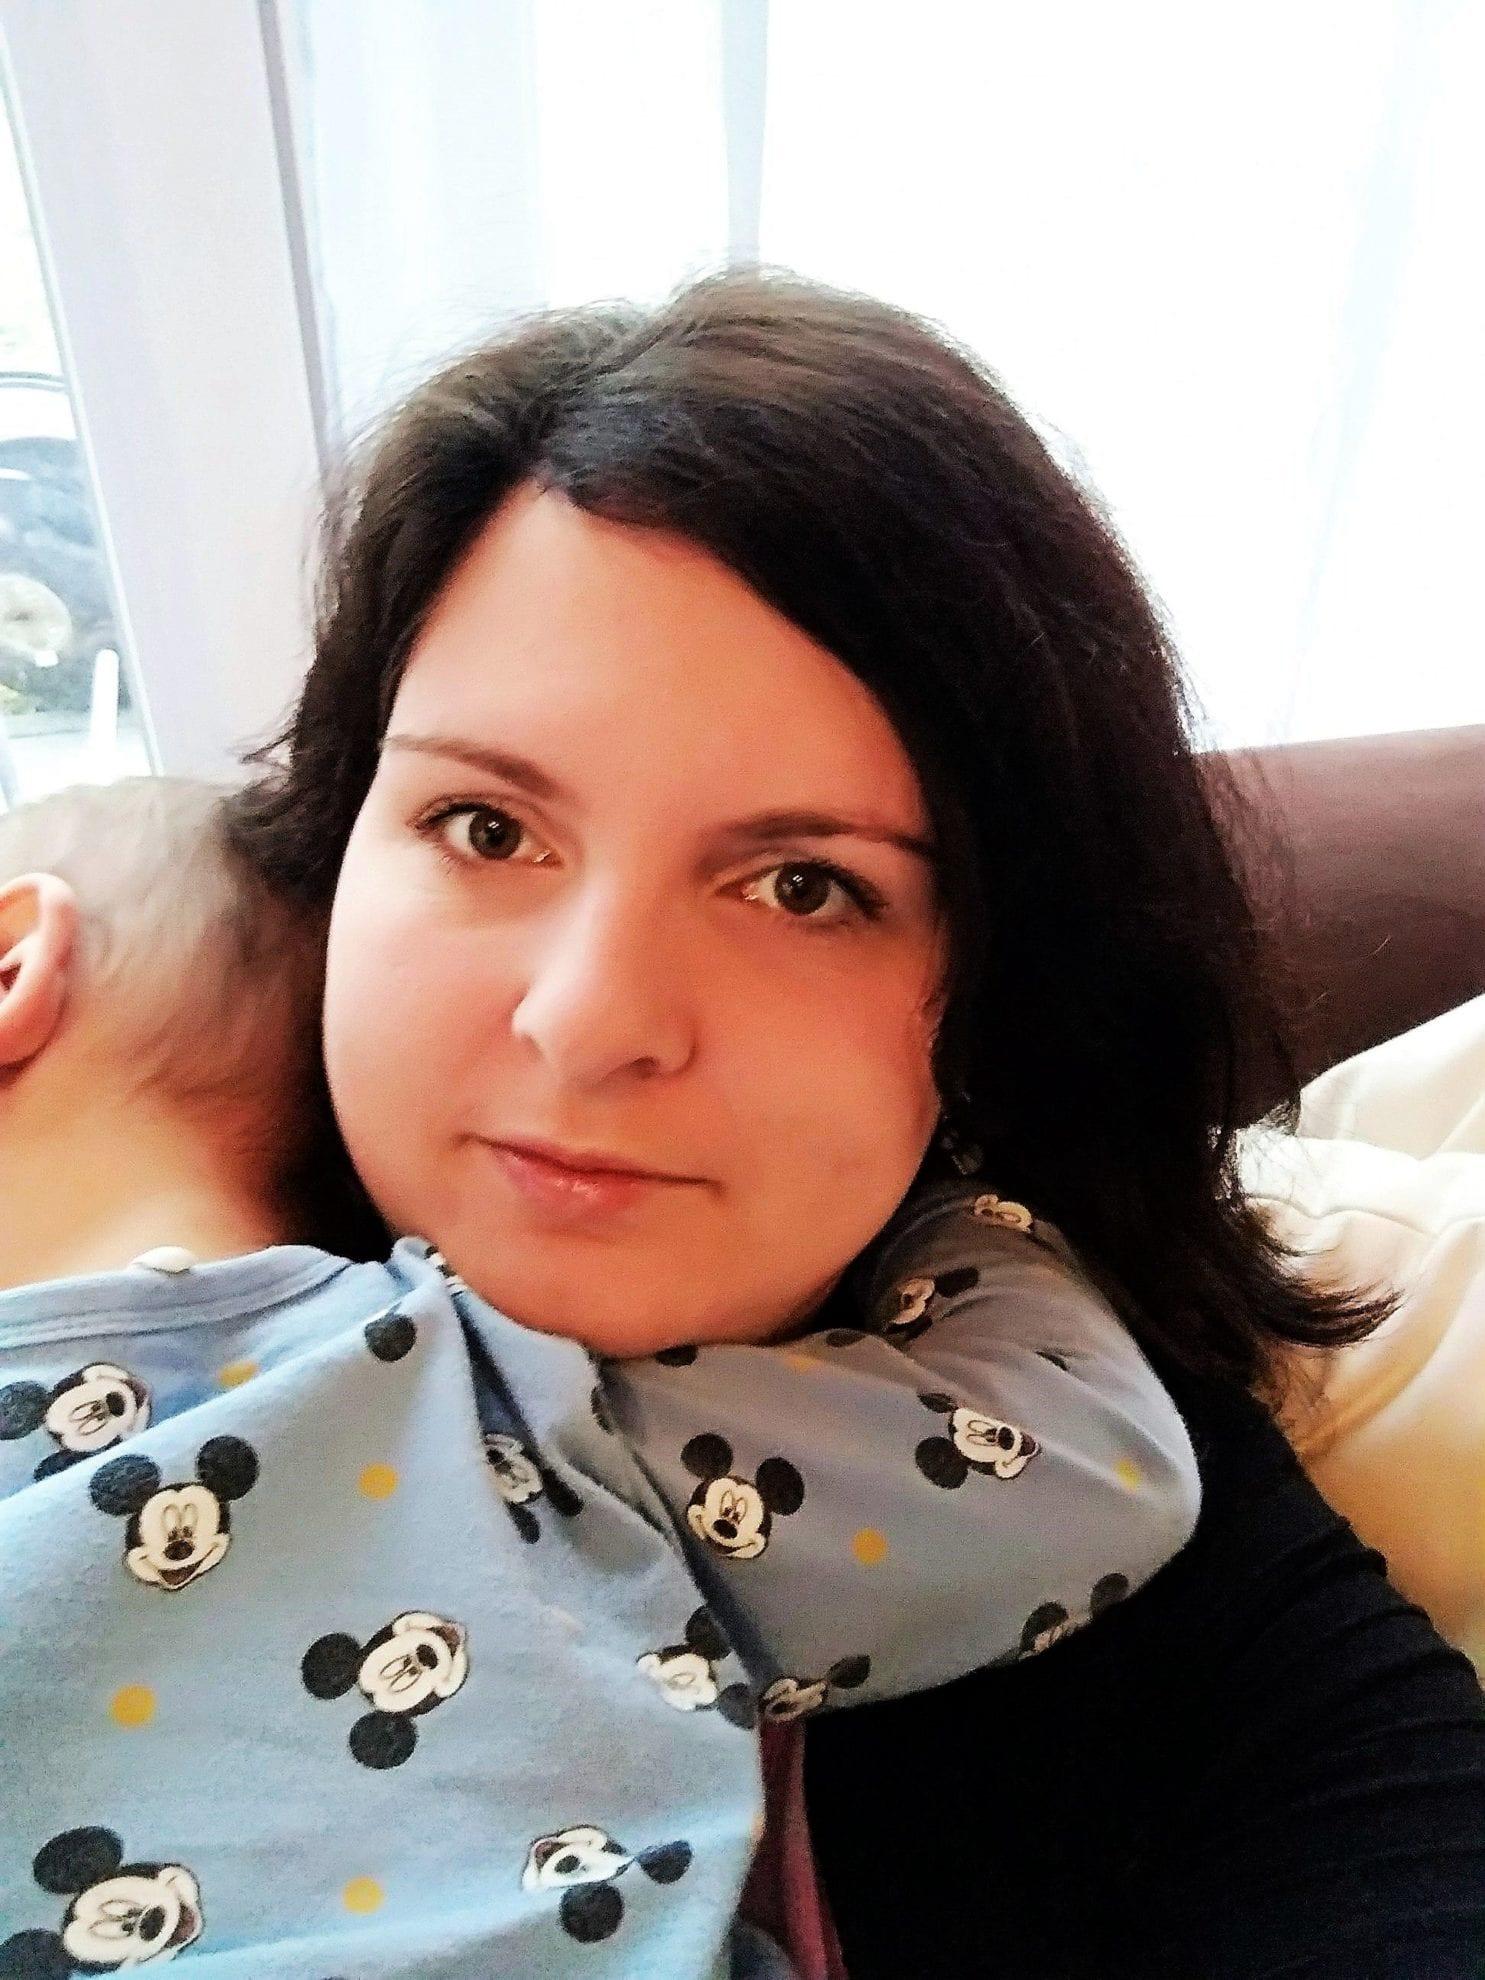 WMDEDGT 2/18, Julie vom Blog Puddingklecks kuschelt mit dem fiebrigen Kleinkind